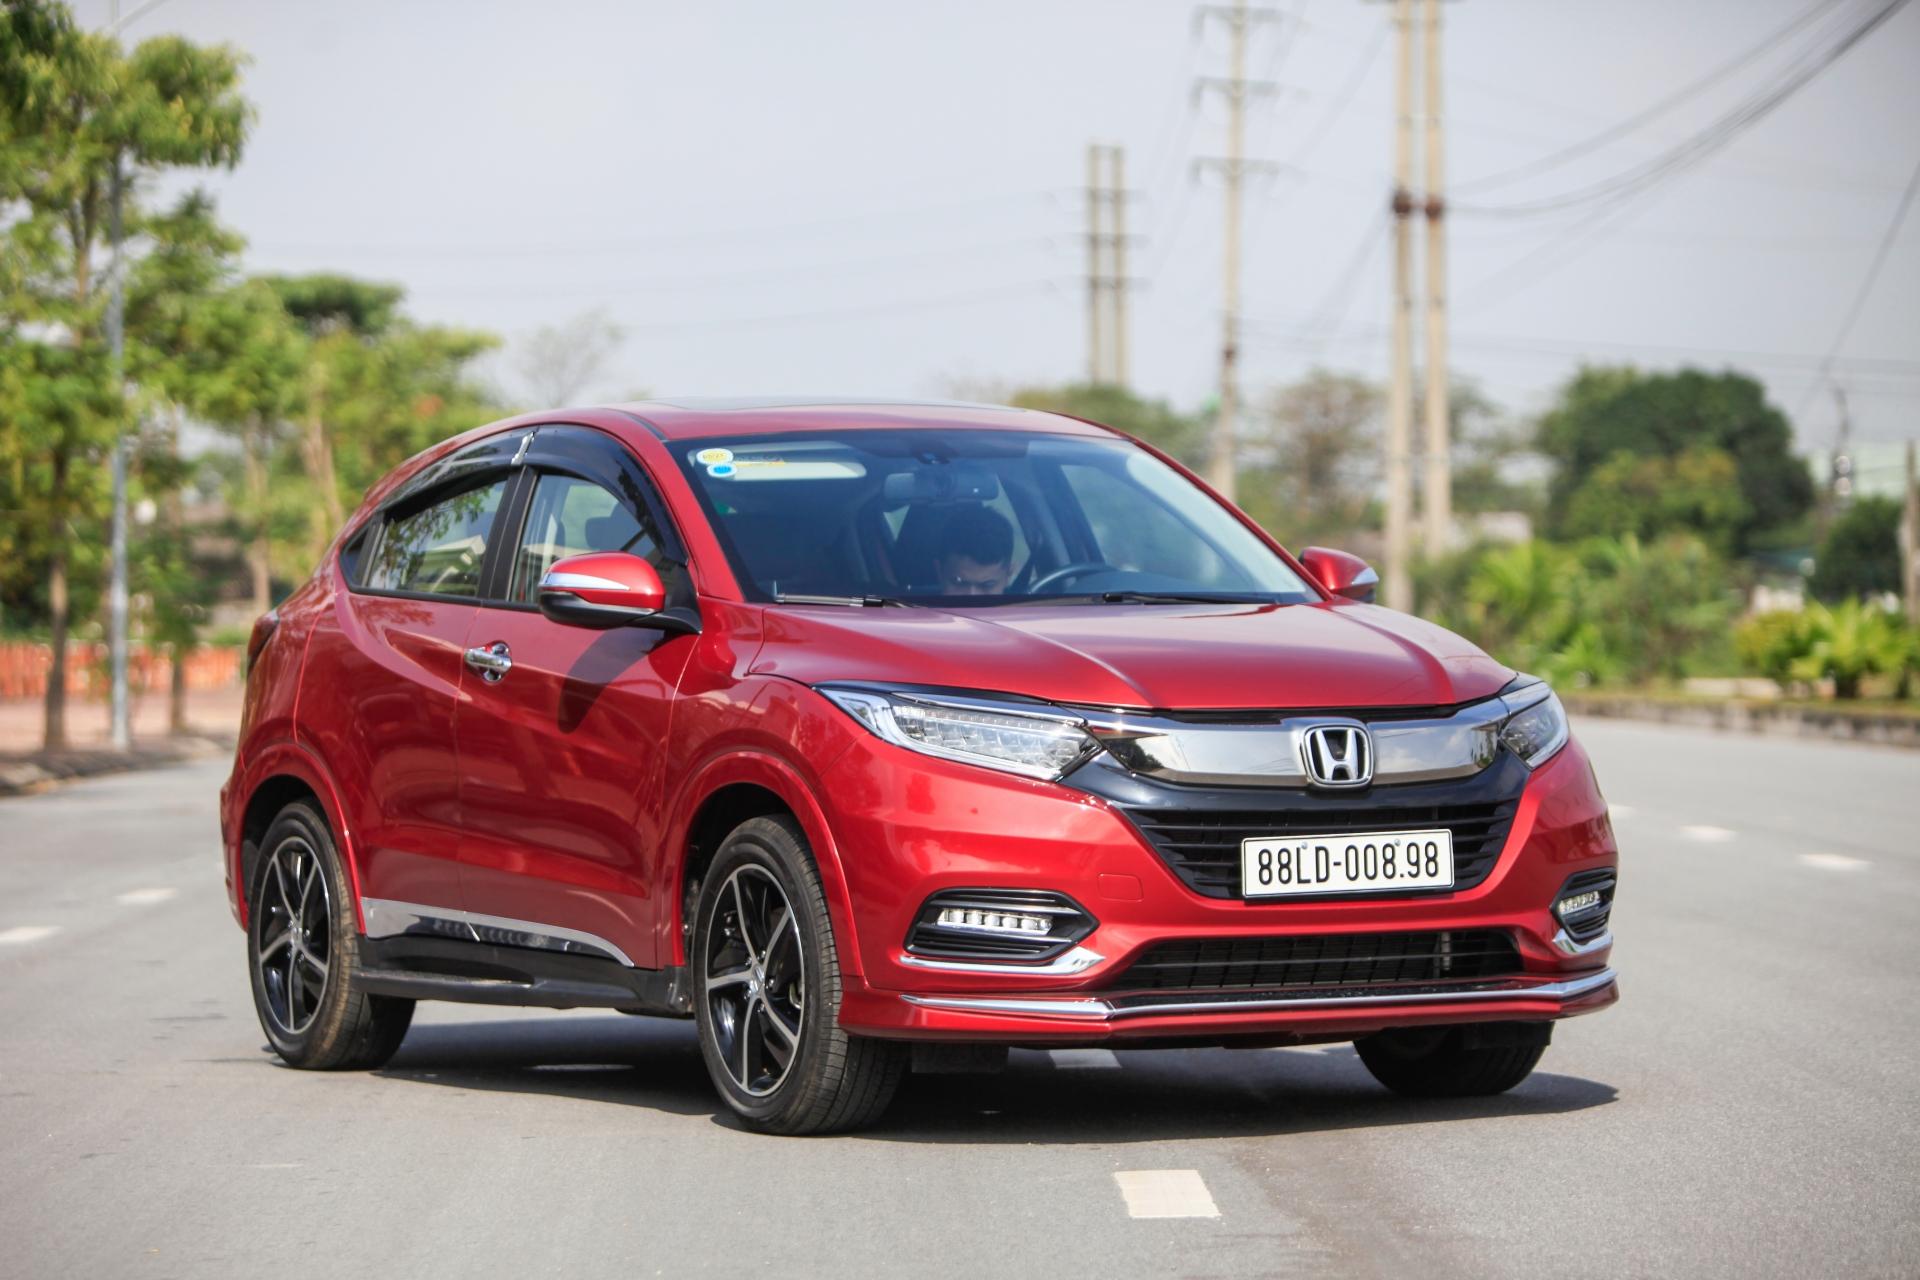 Honda HR-V bất ngờ được ưu đãi tới gần 40 triệu đồng - Hình 1